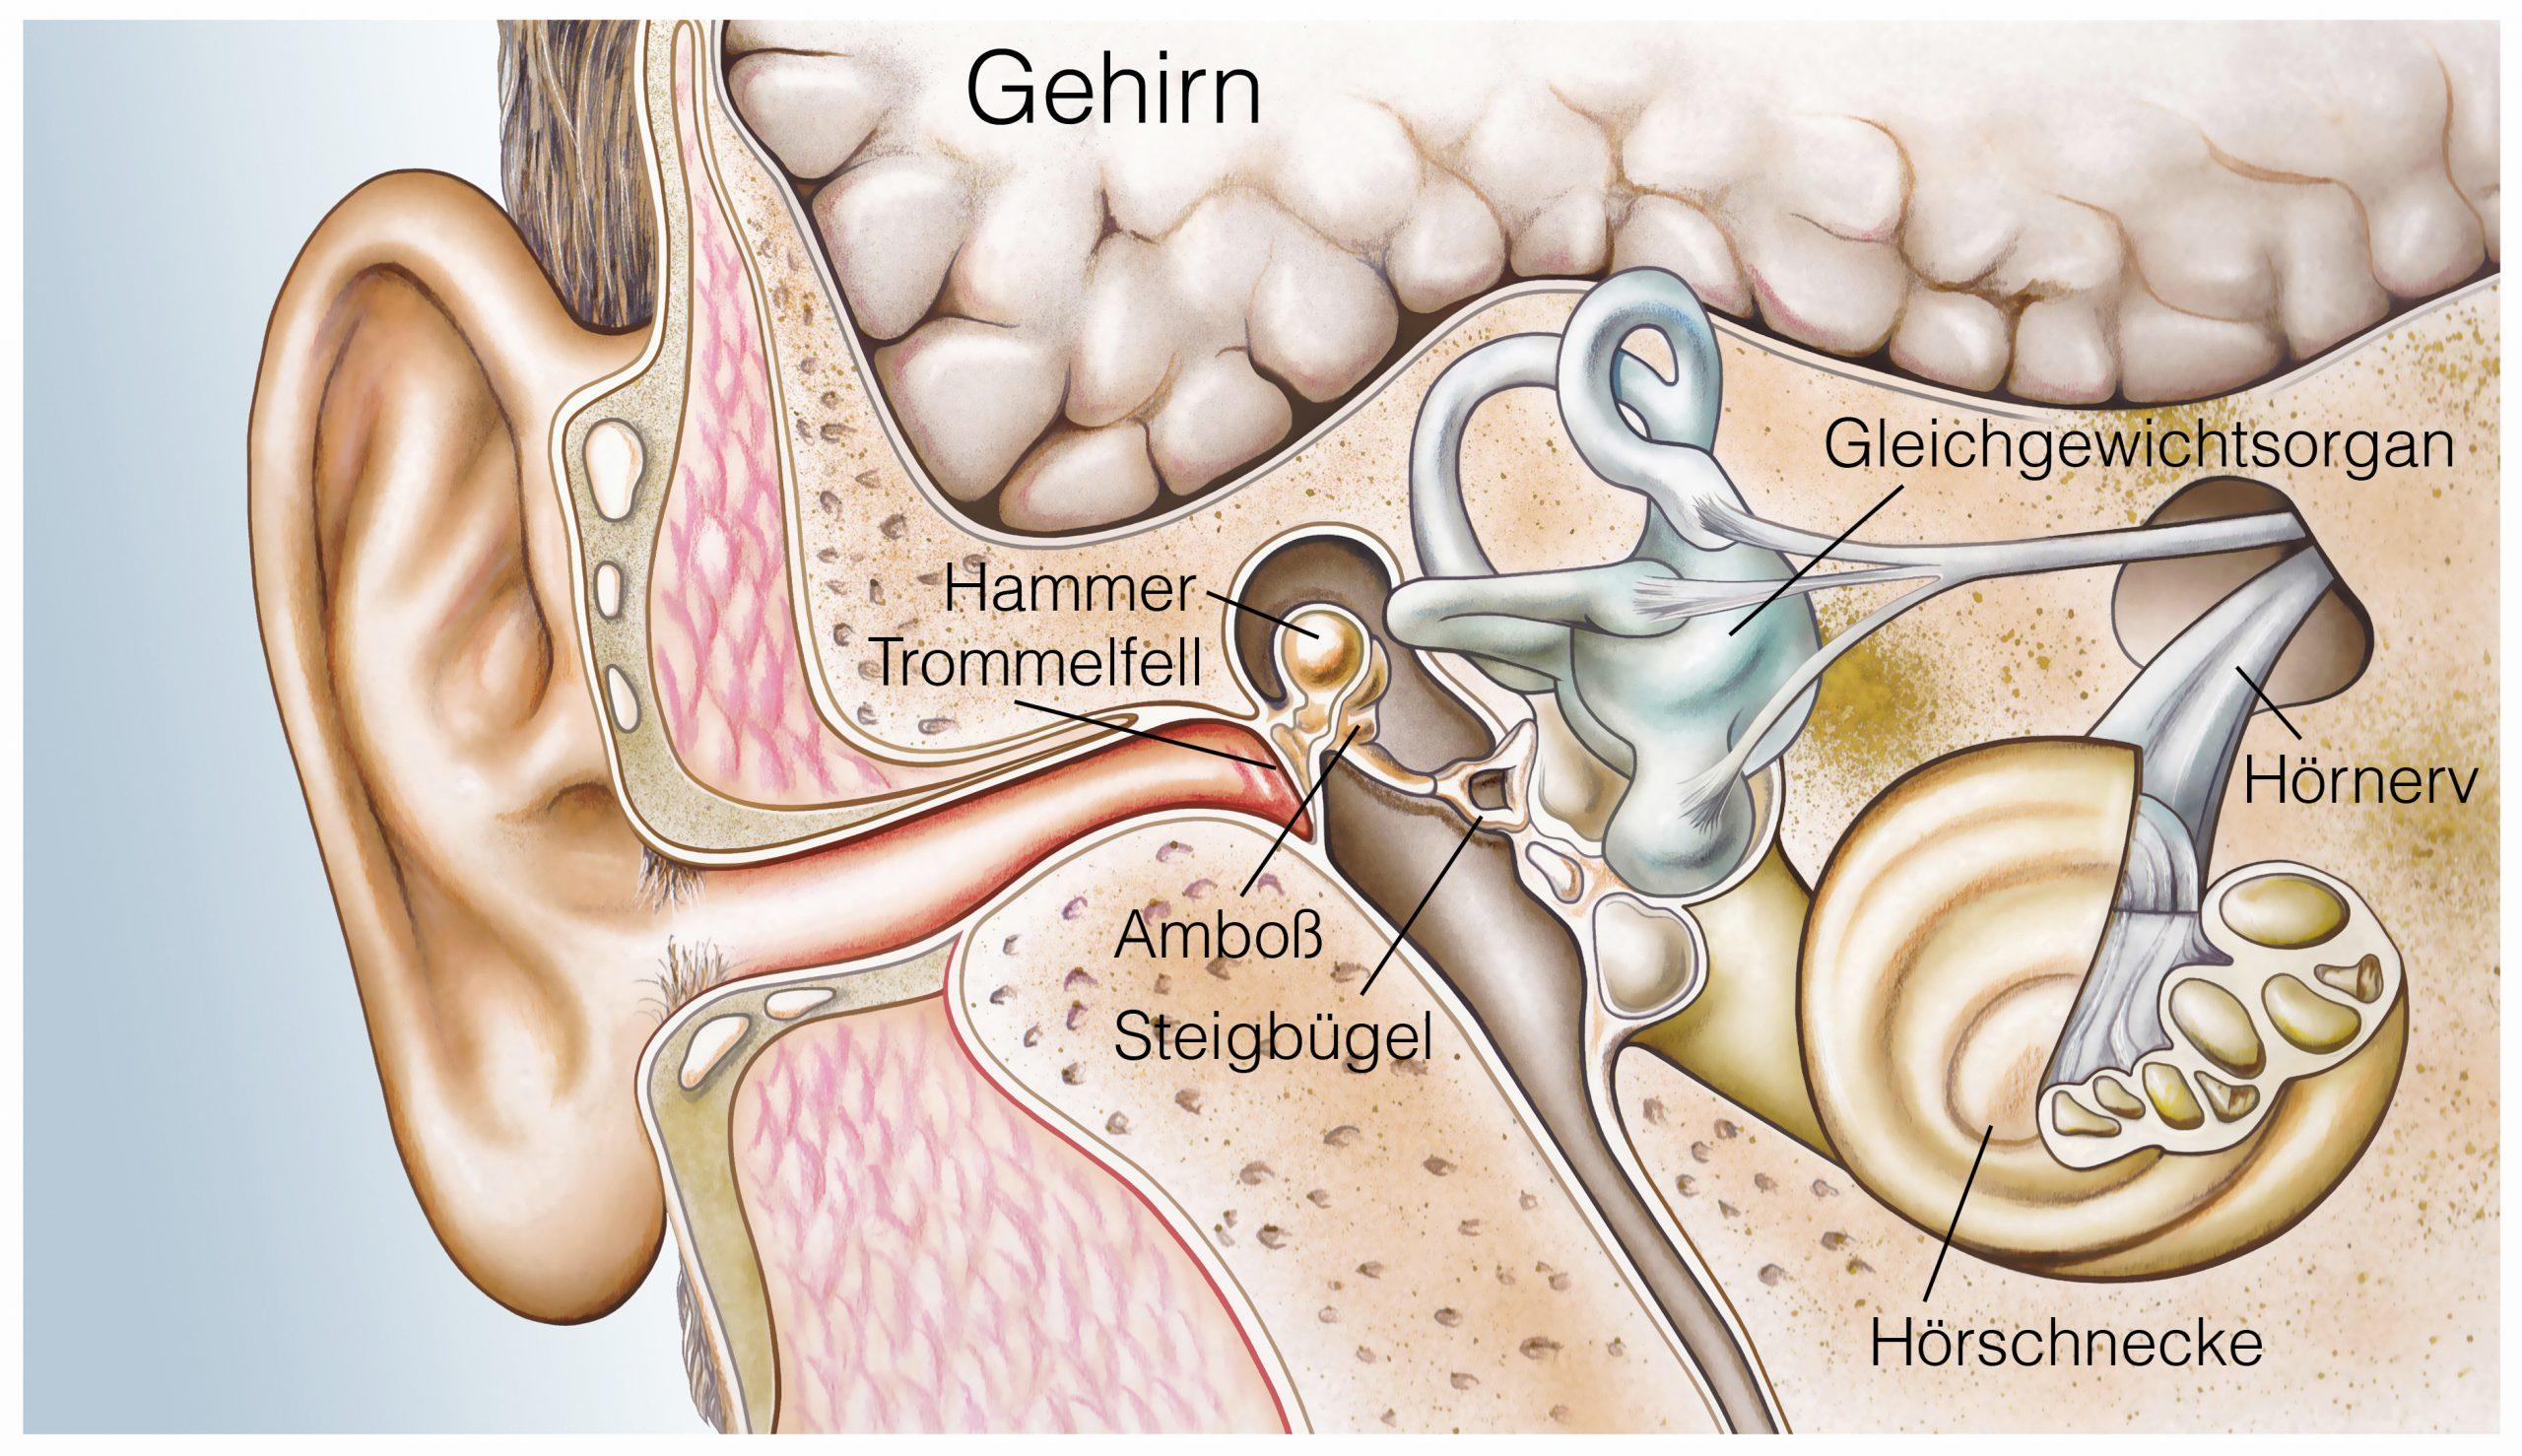 Ohrenschmerzen können in unterschiedlichen Bereichen des Ohrs auftreten. Deswegen ist es hilfreich, die Anatomie zu kennen.